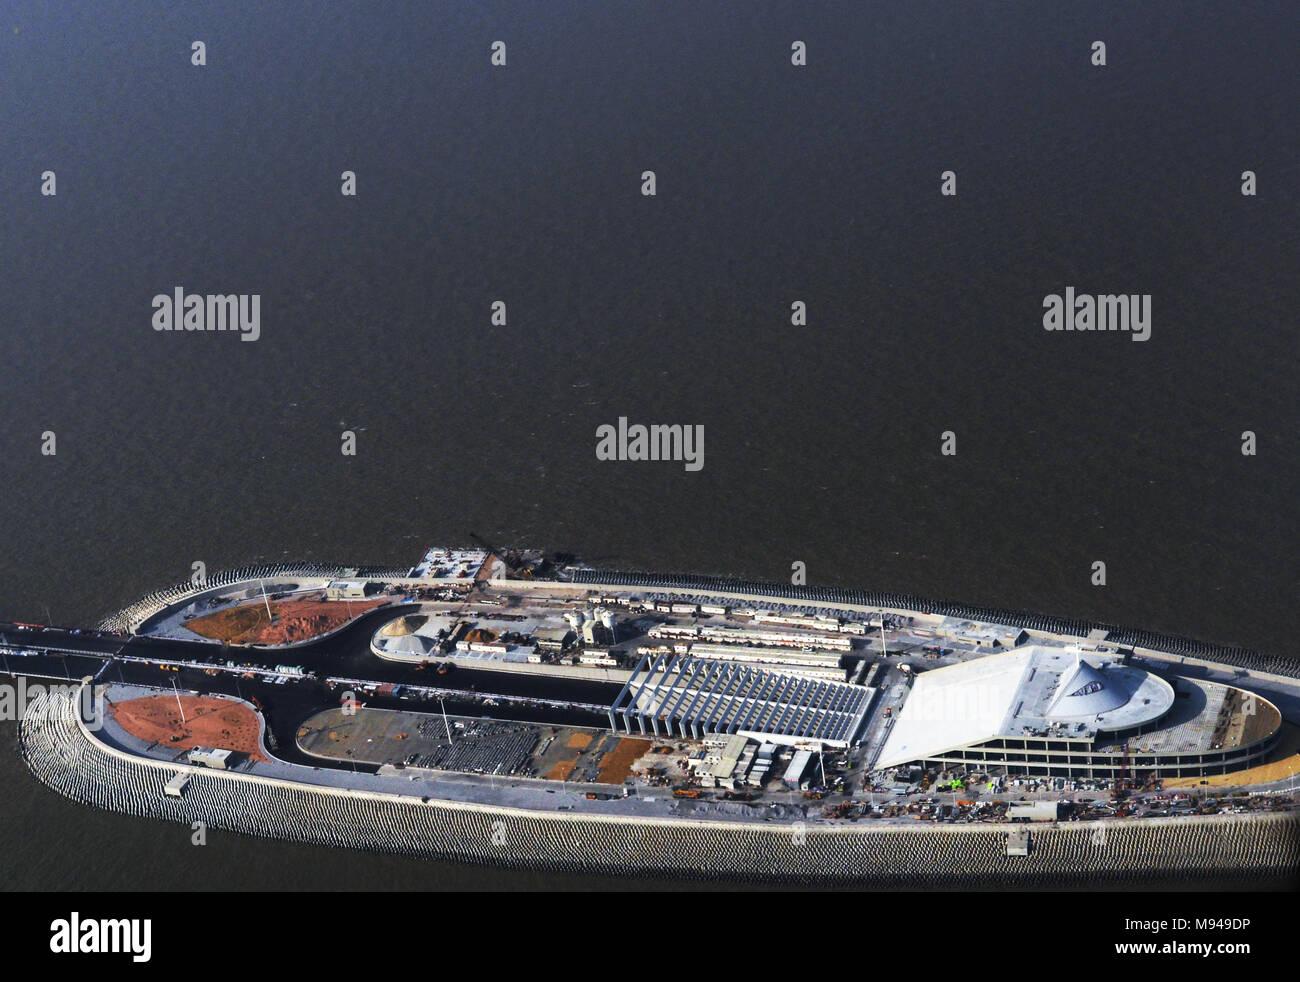 The HongKong-Zhuhai-Macao Bridge - Stock Image